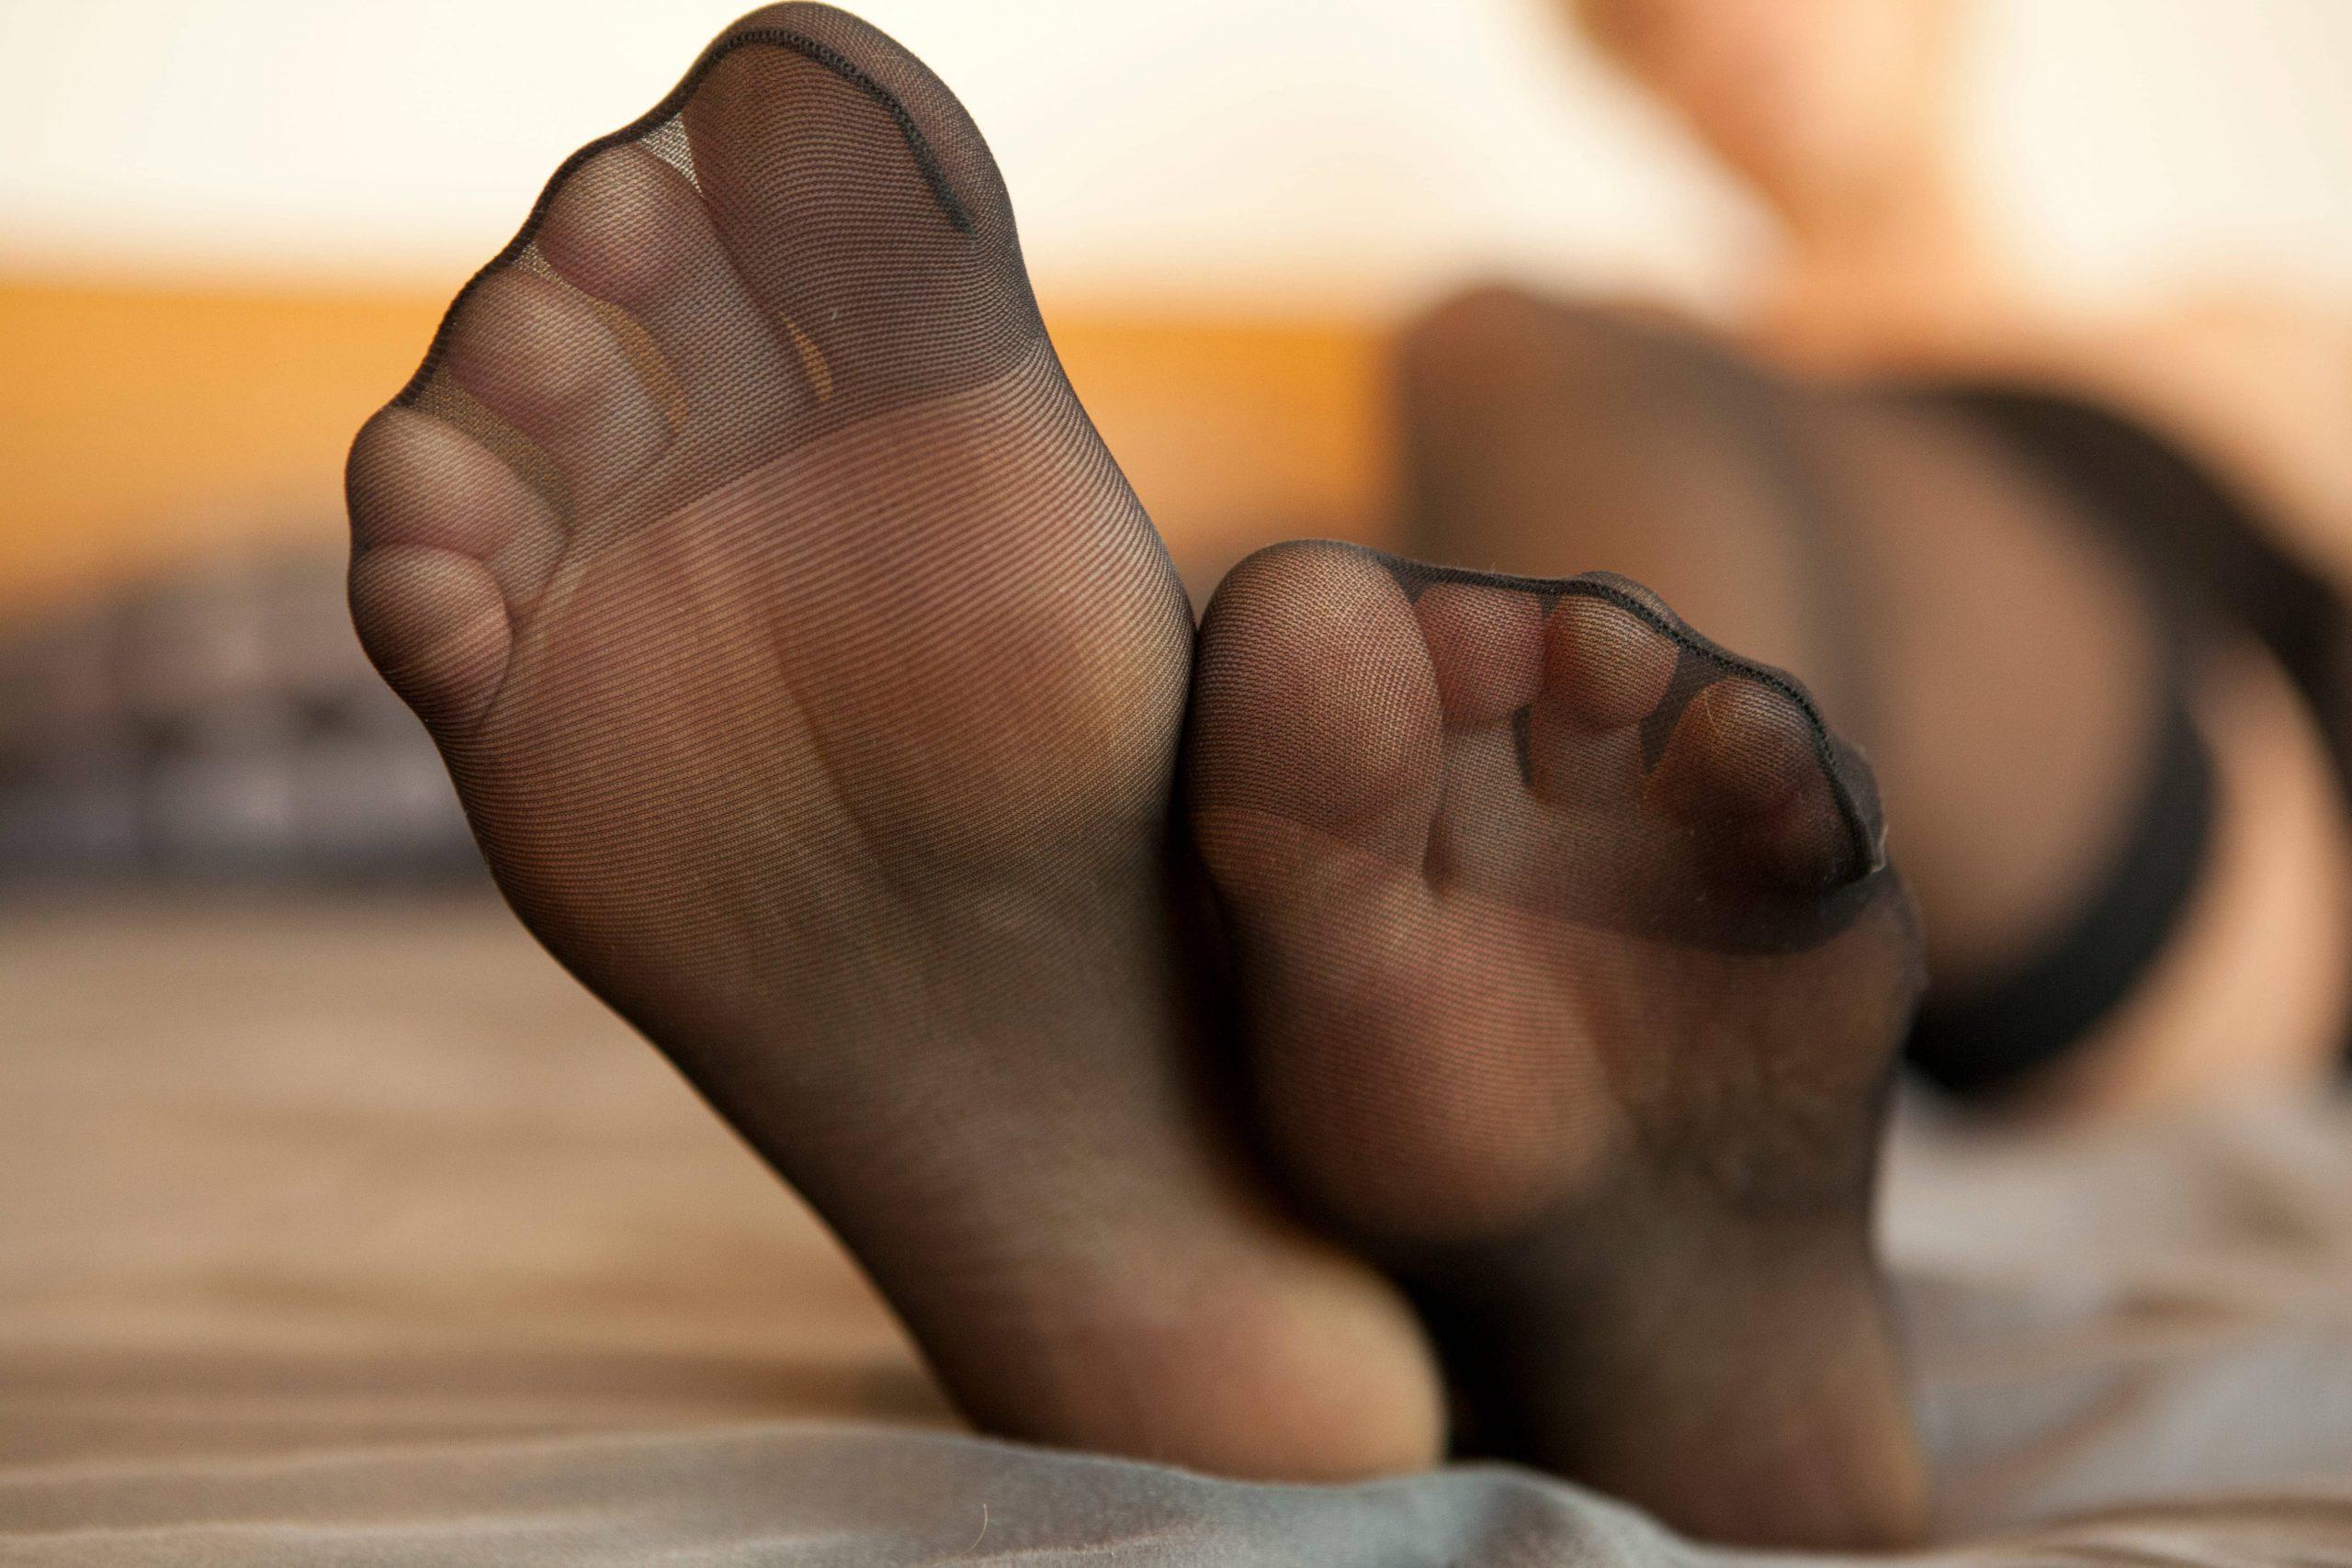 Эротический массаж ступнями «Фут-фетиш»